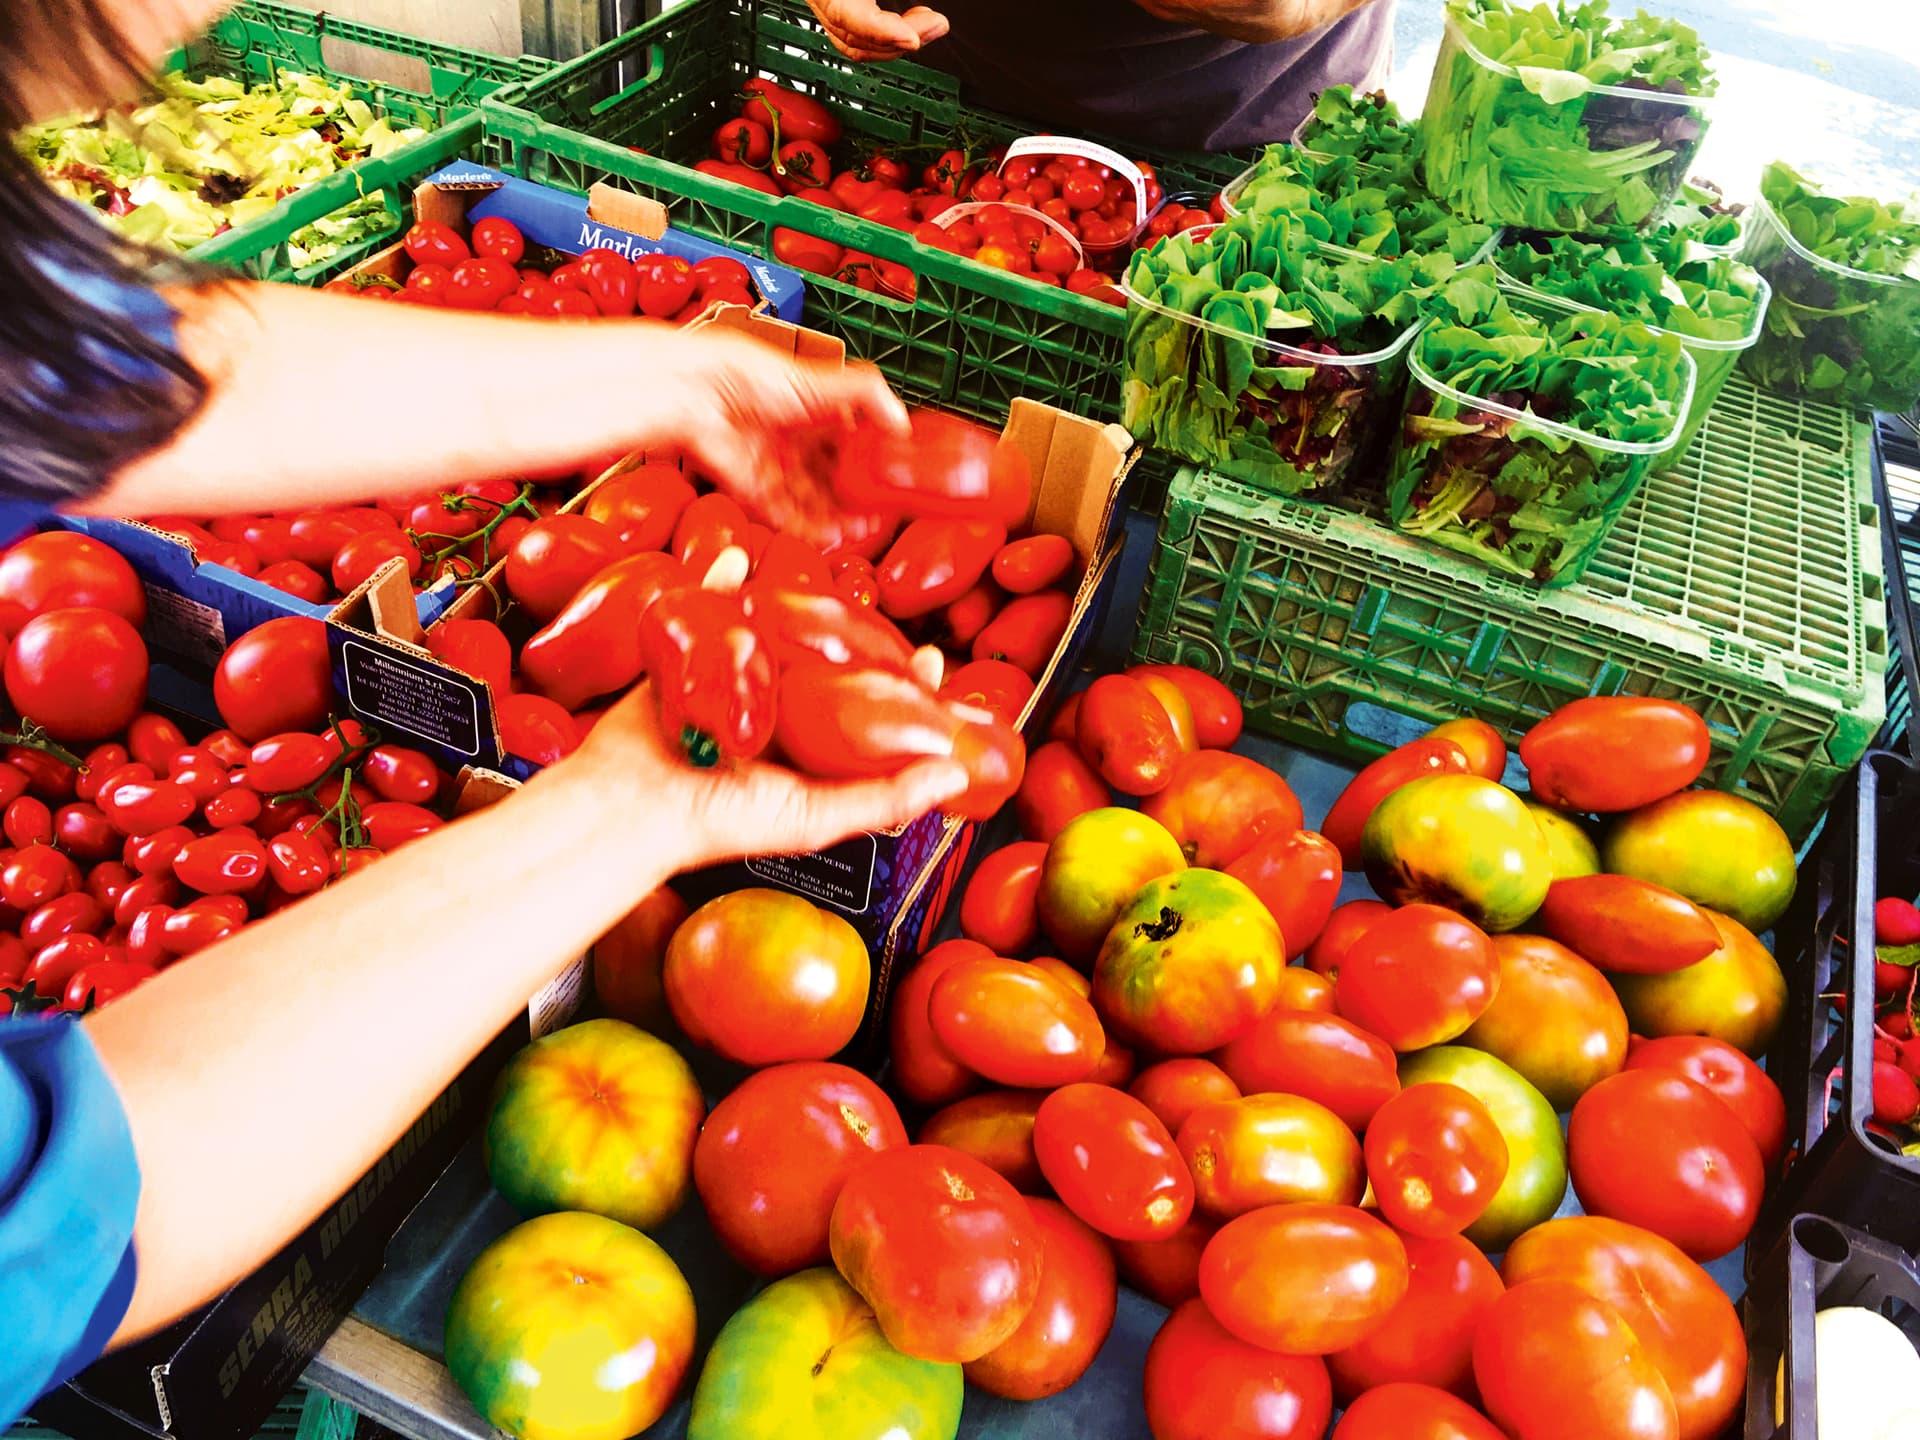 Plastikkörbe und Kartons voller verschiedener Tomaten. Zwei Hände sortieren weitere Tomaten in die Kartons ein.